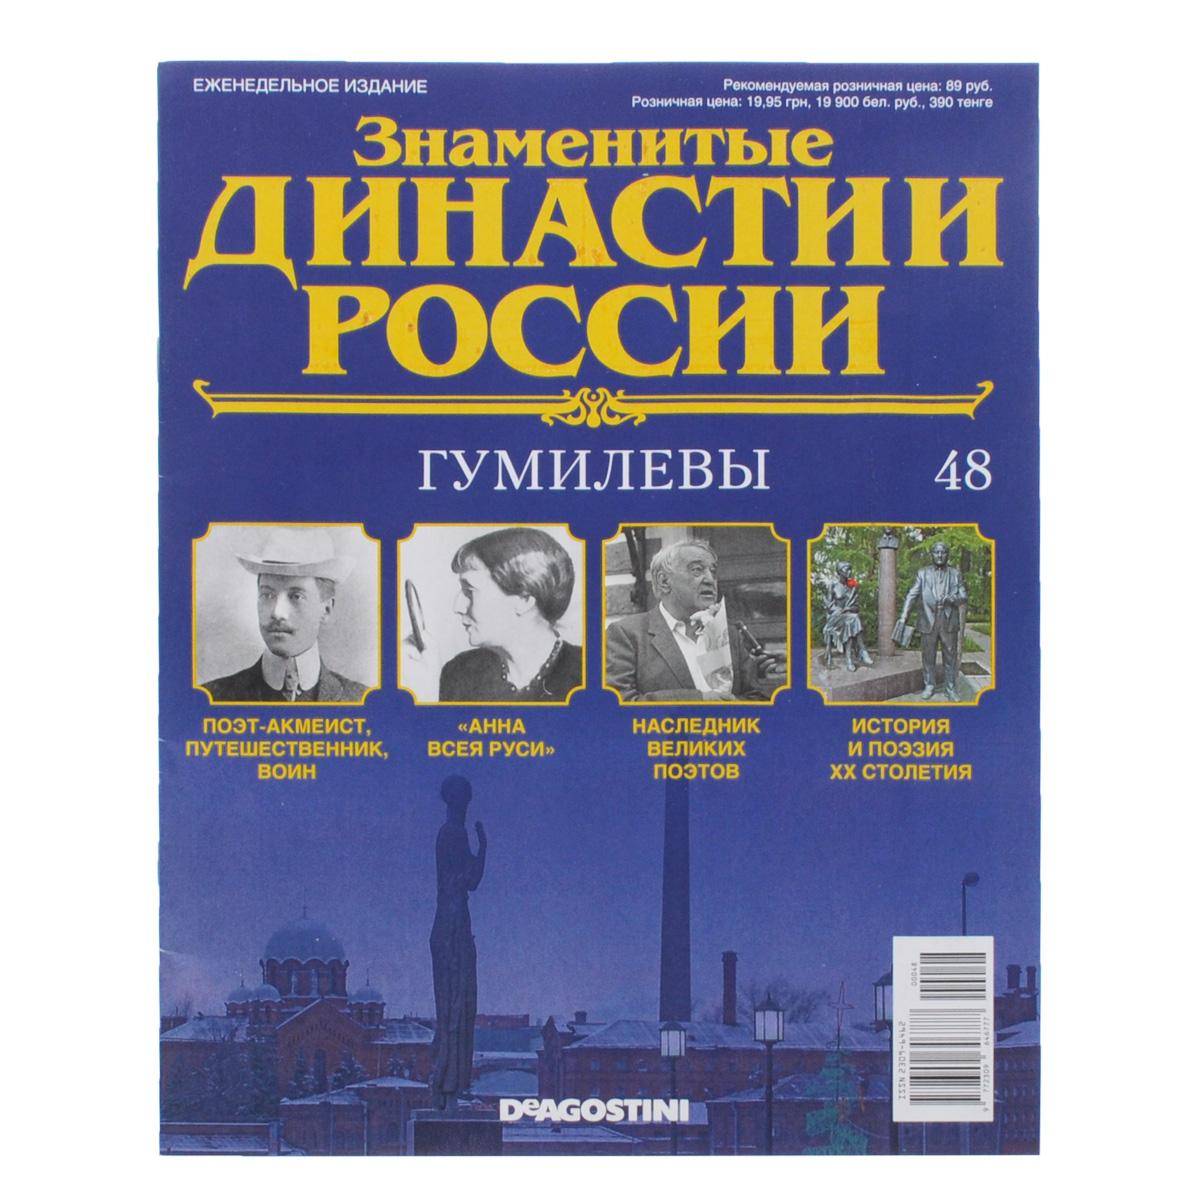 Журнал Знаменитые династии России №048 журнал знаменитые династии россии 85